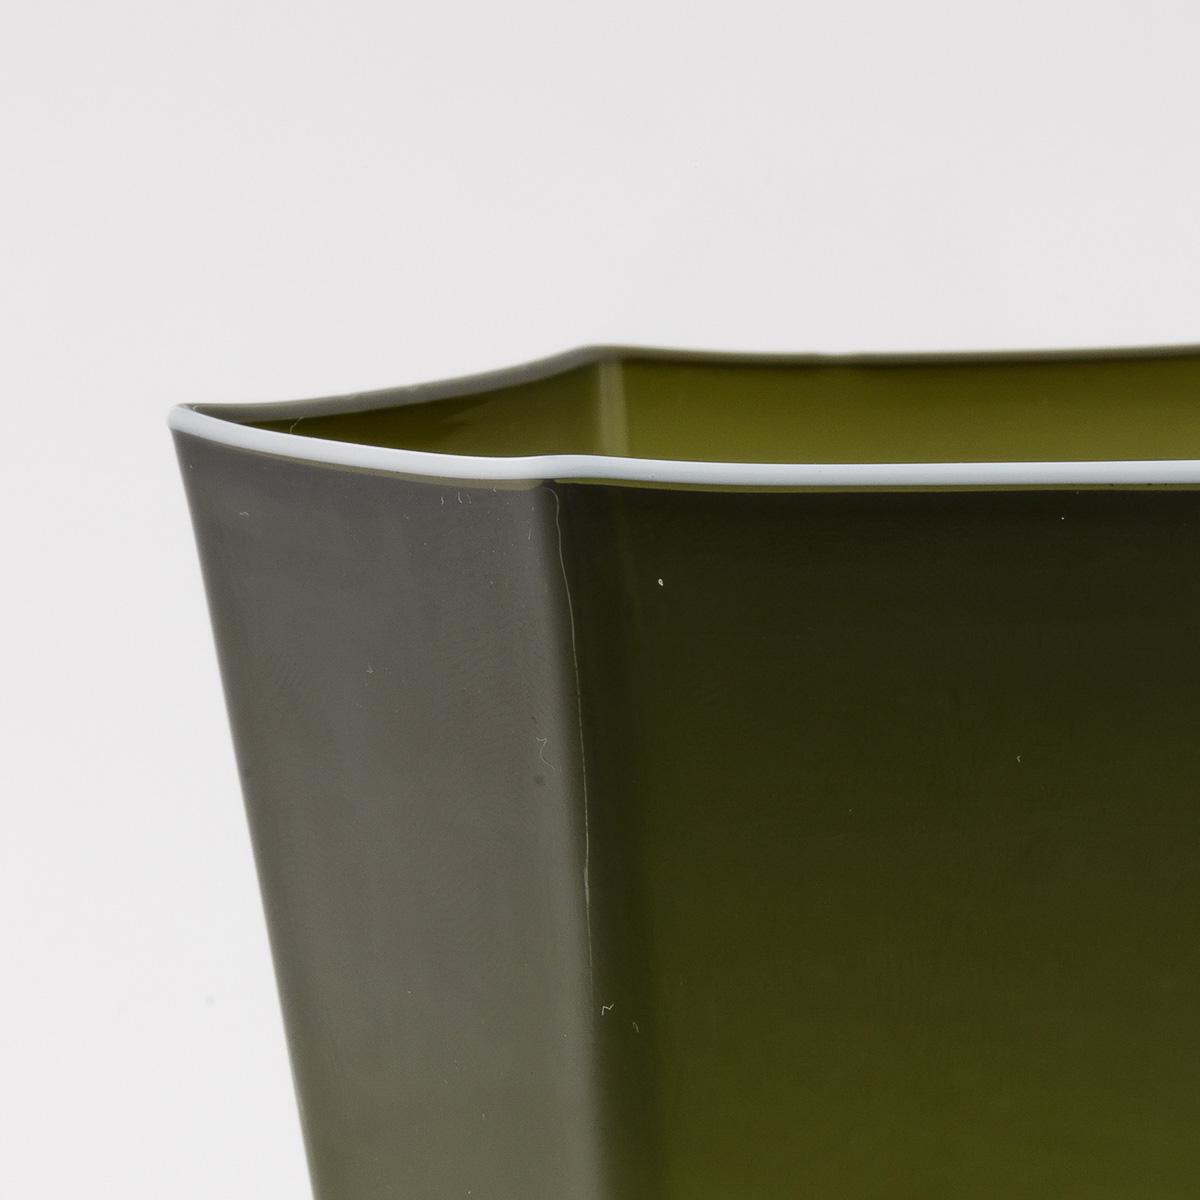 laguna-glass-green-white-rim-giberto-handmade-murano-wine-luxury